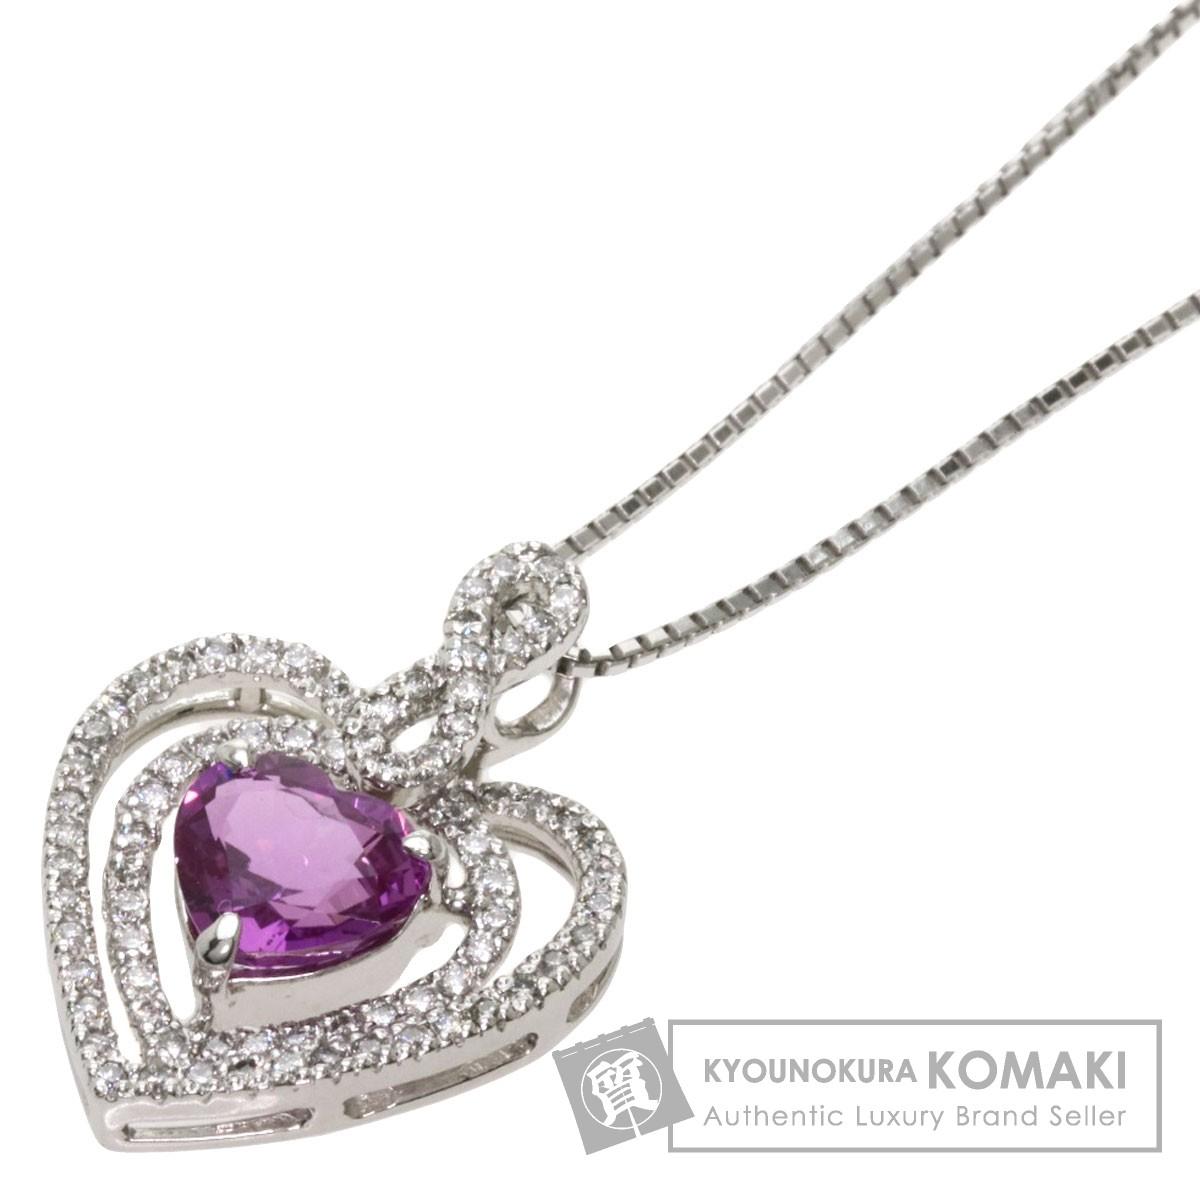 ピンクサファイア ハート ダイヤモンド ネックレス プラチナPT900/PT850 レディース 【中古】